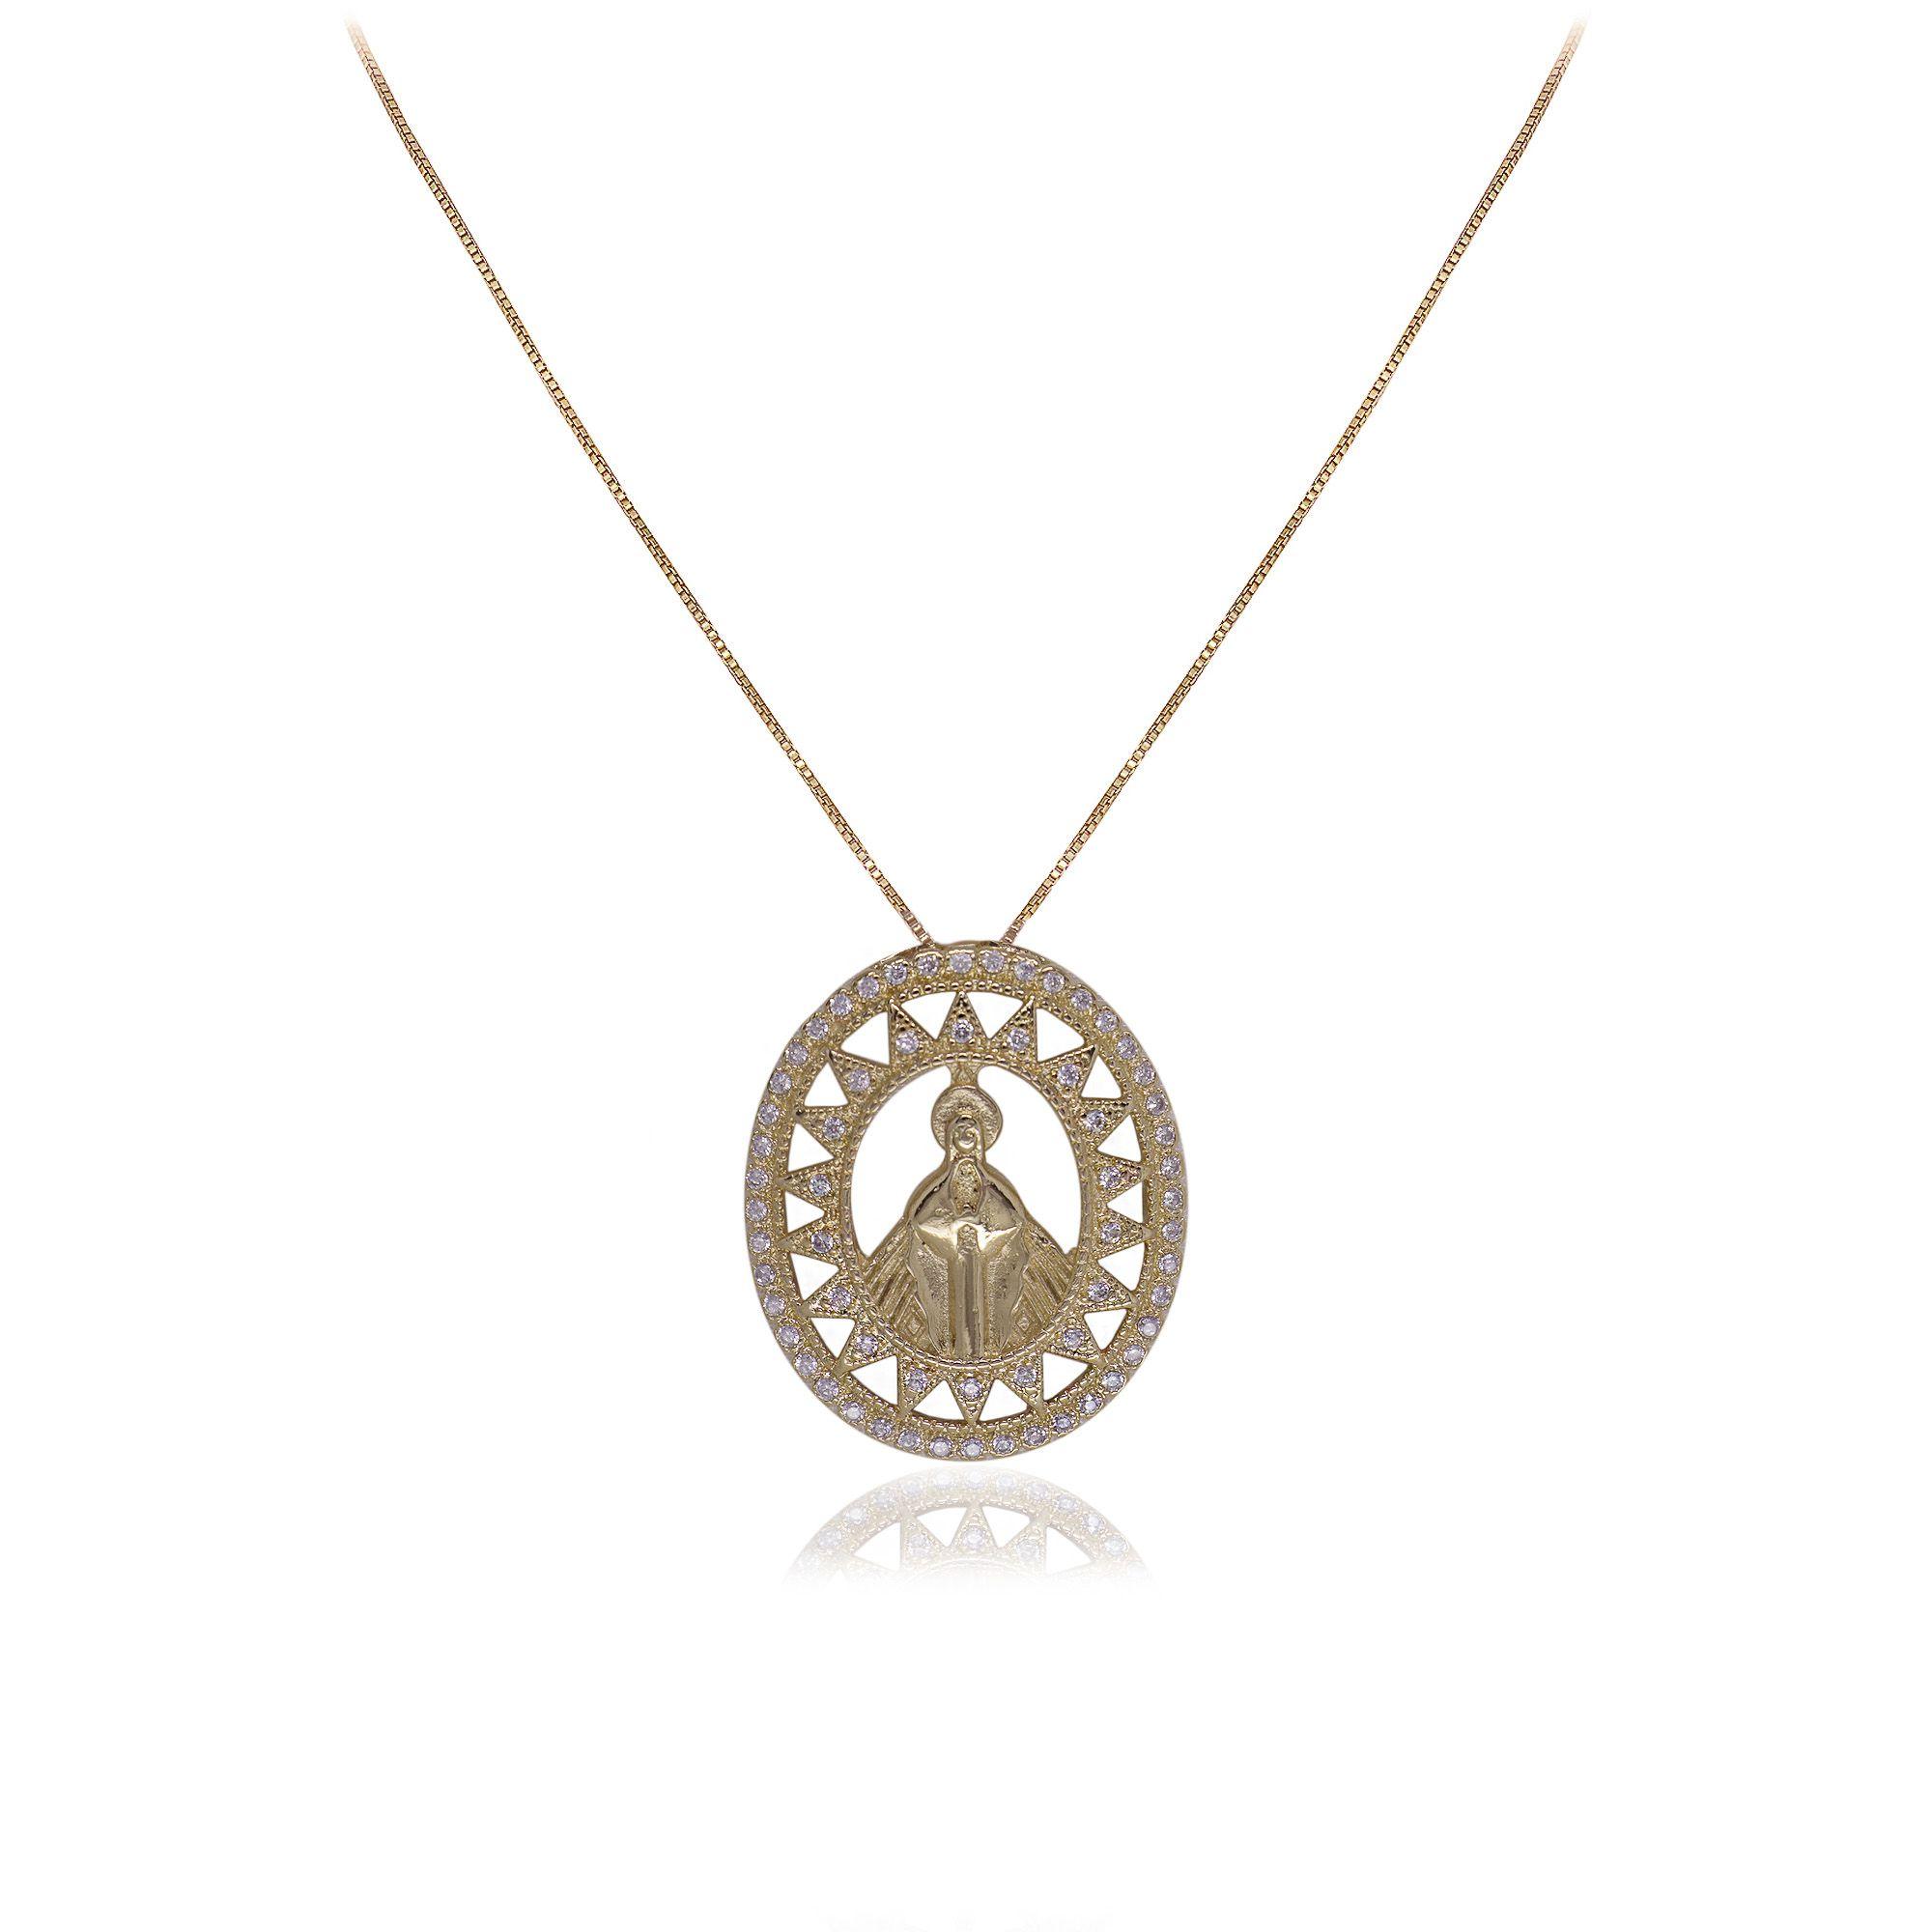 Colar semijoia Mandala Nossa Senhora das Graças com zircônia folheado a ouro 18k ou rhodium